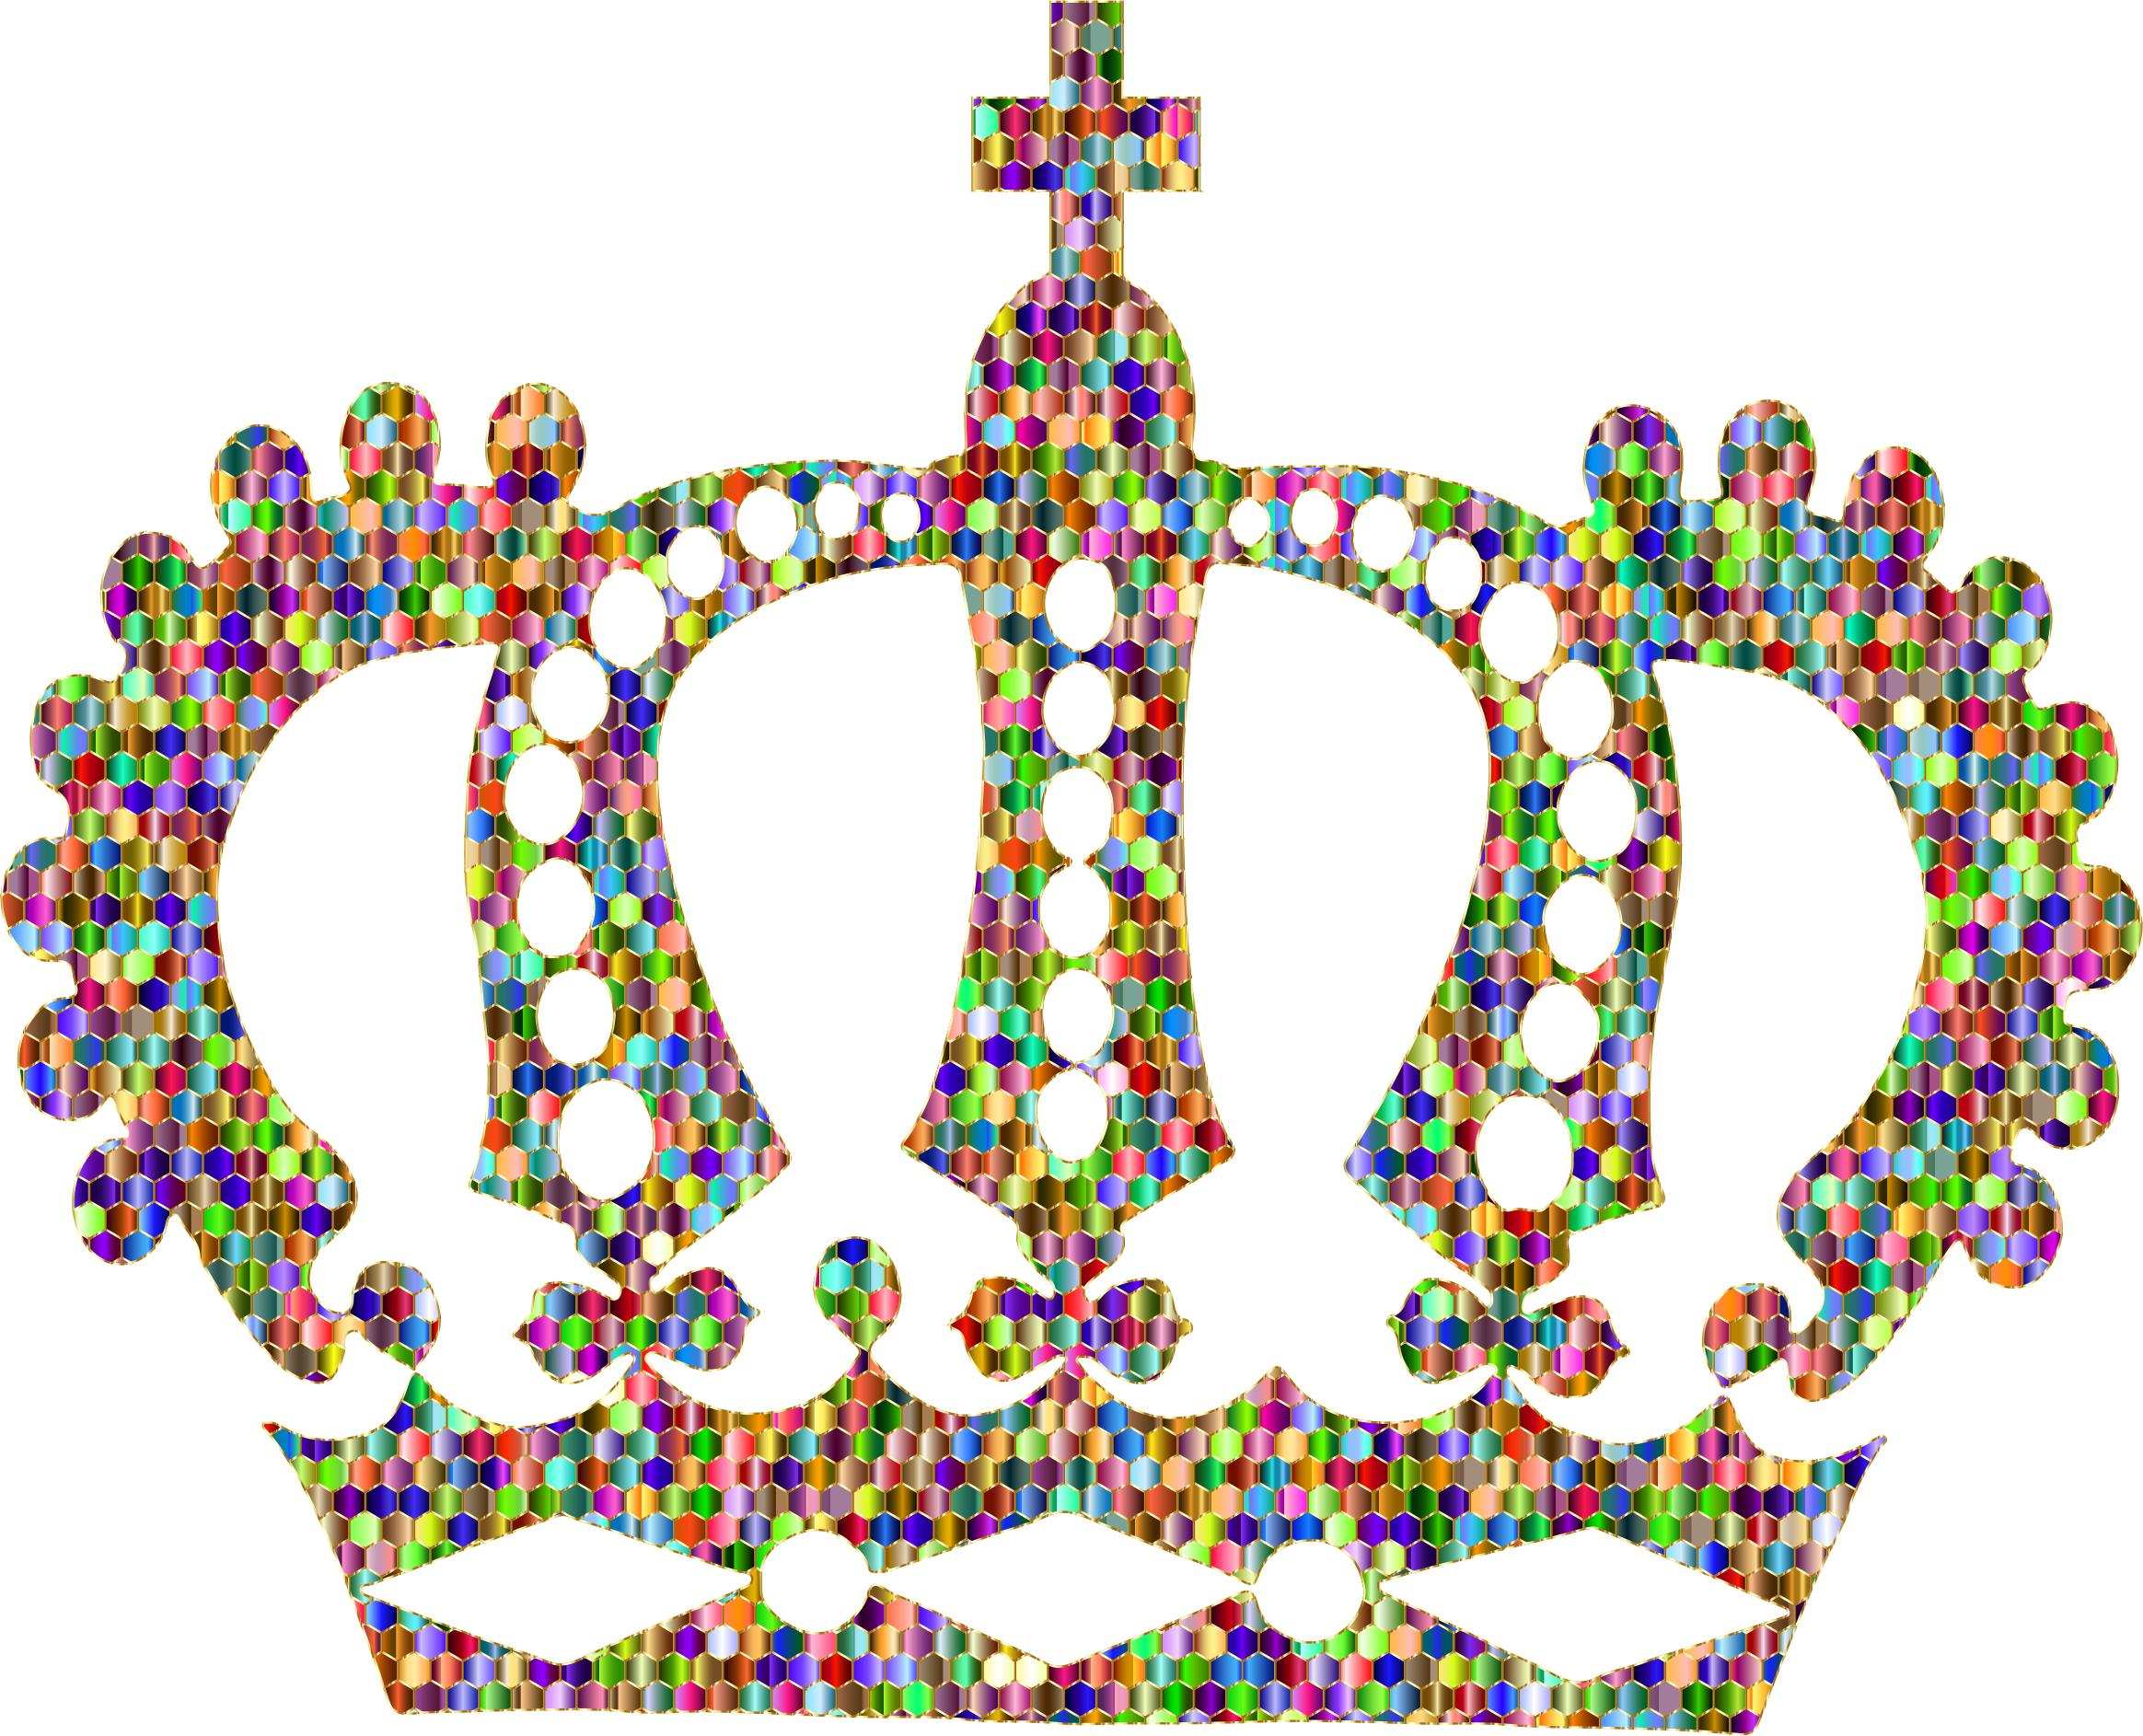 2328x1886 Free Royal Icons Png, Royal Images